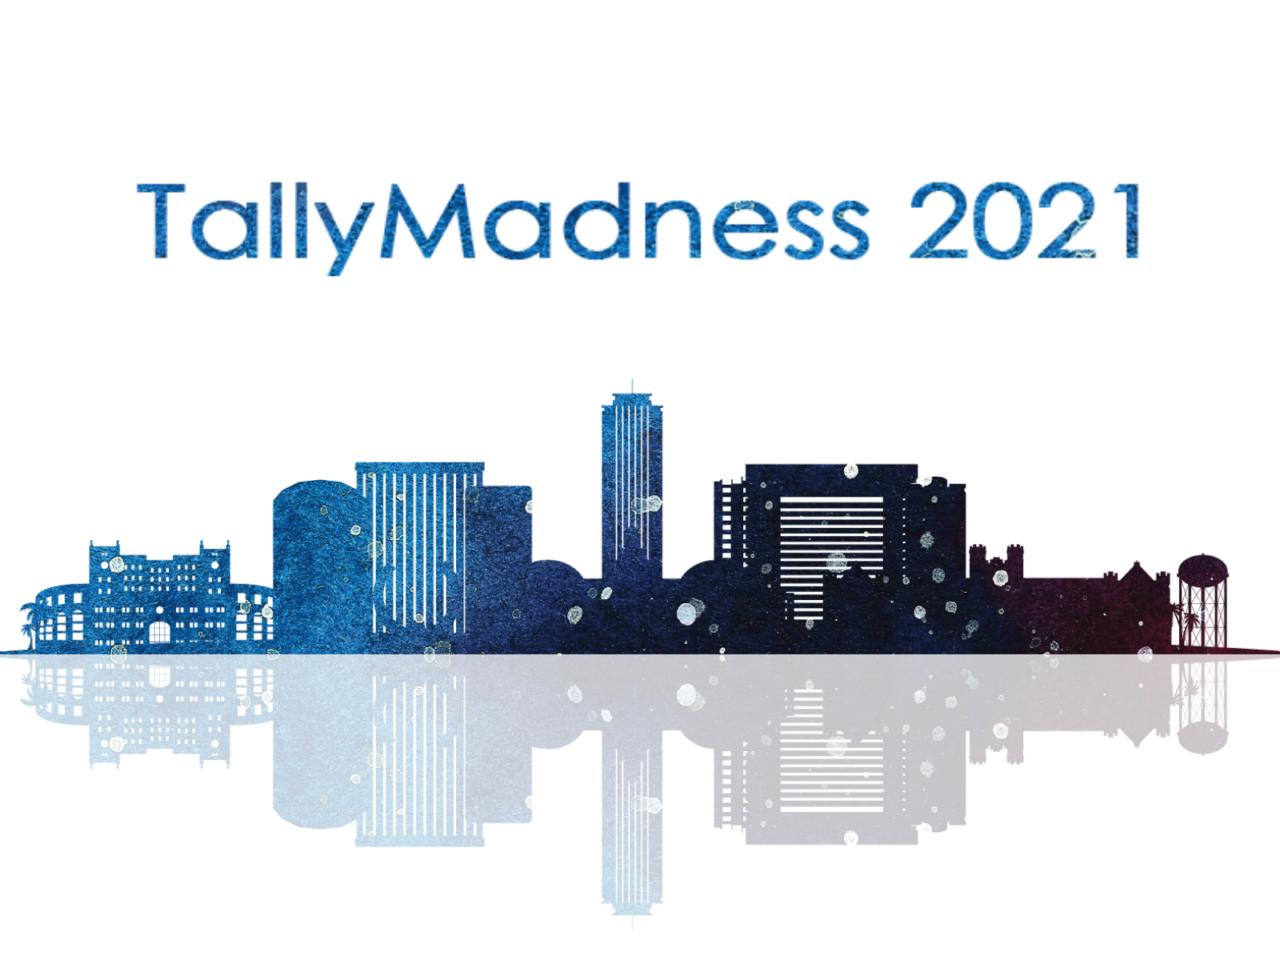 TallyMadness2021_1600x1200_03-1280x960.png